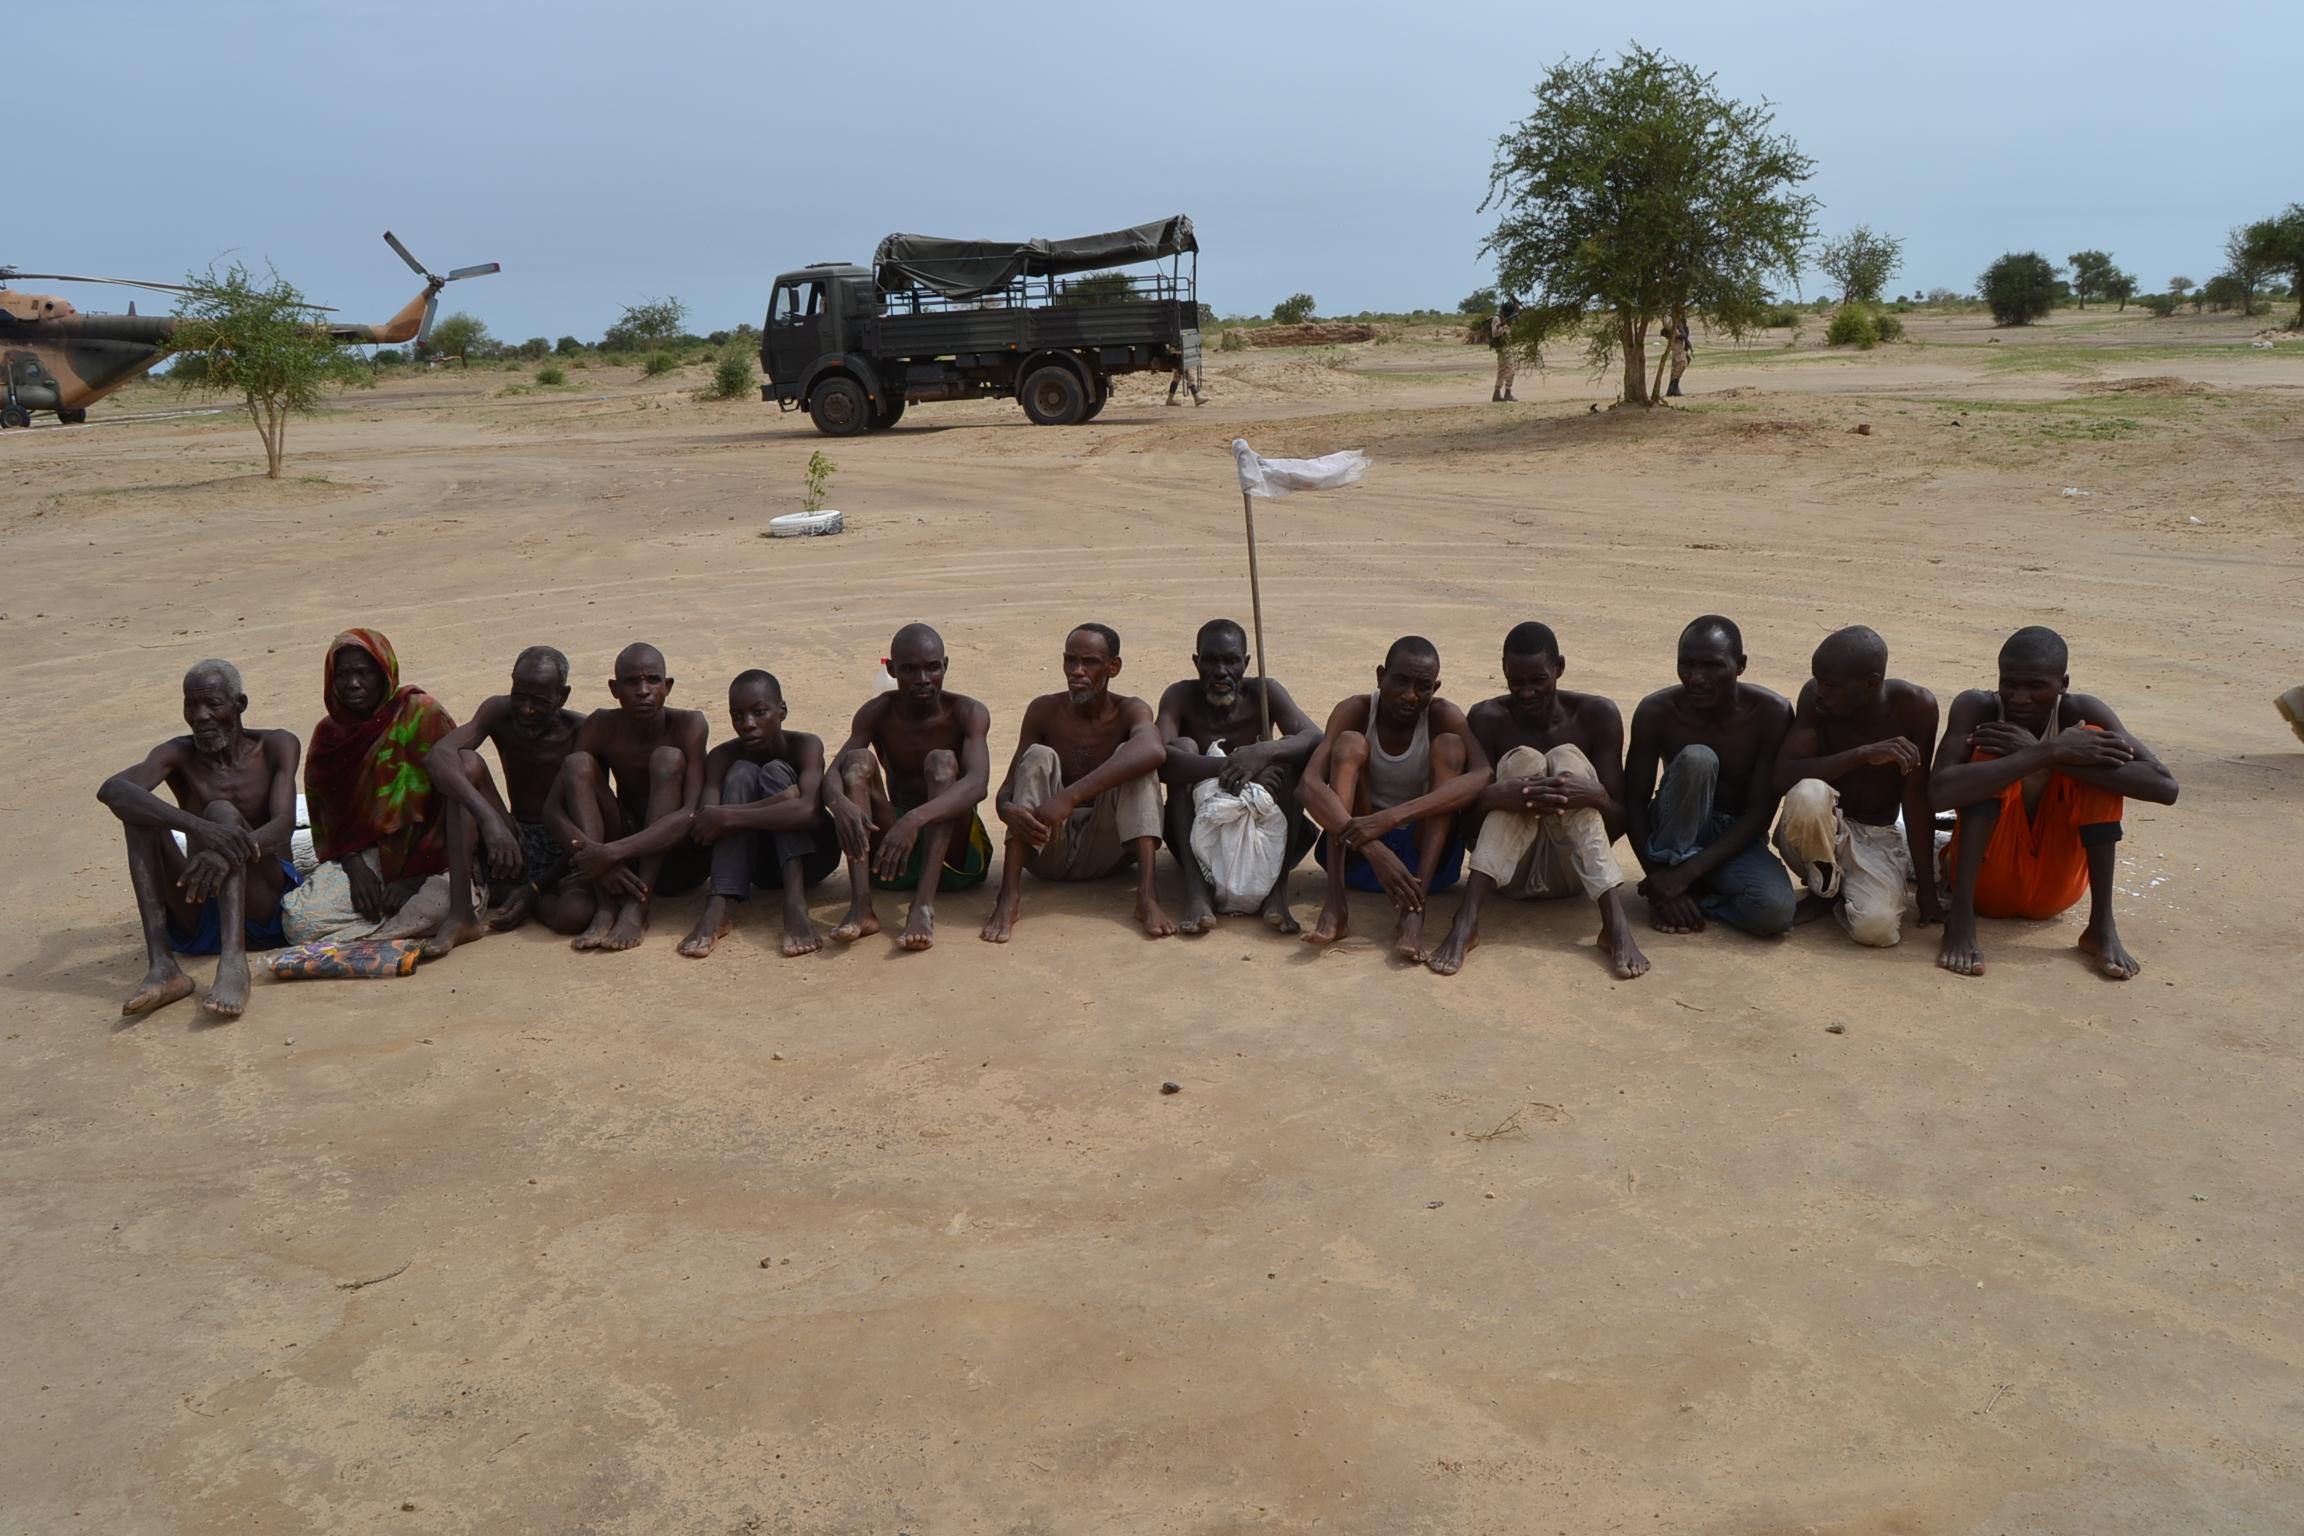 Des combattants de Boko Haram capturés par la force mixte multinationale dans la zone de défense n°1. Alwihda Info